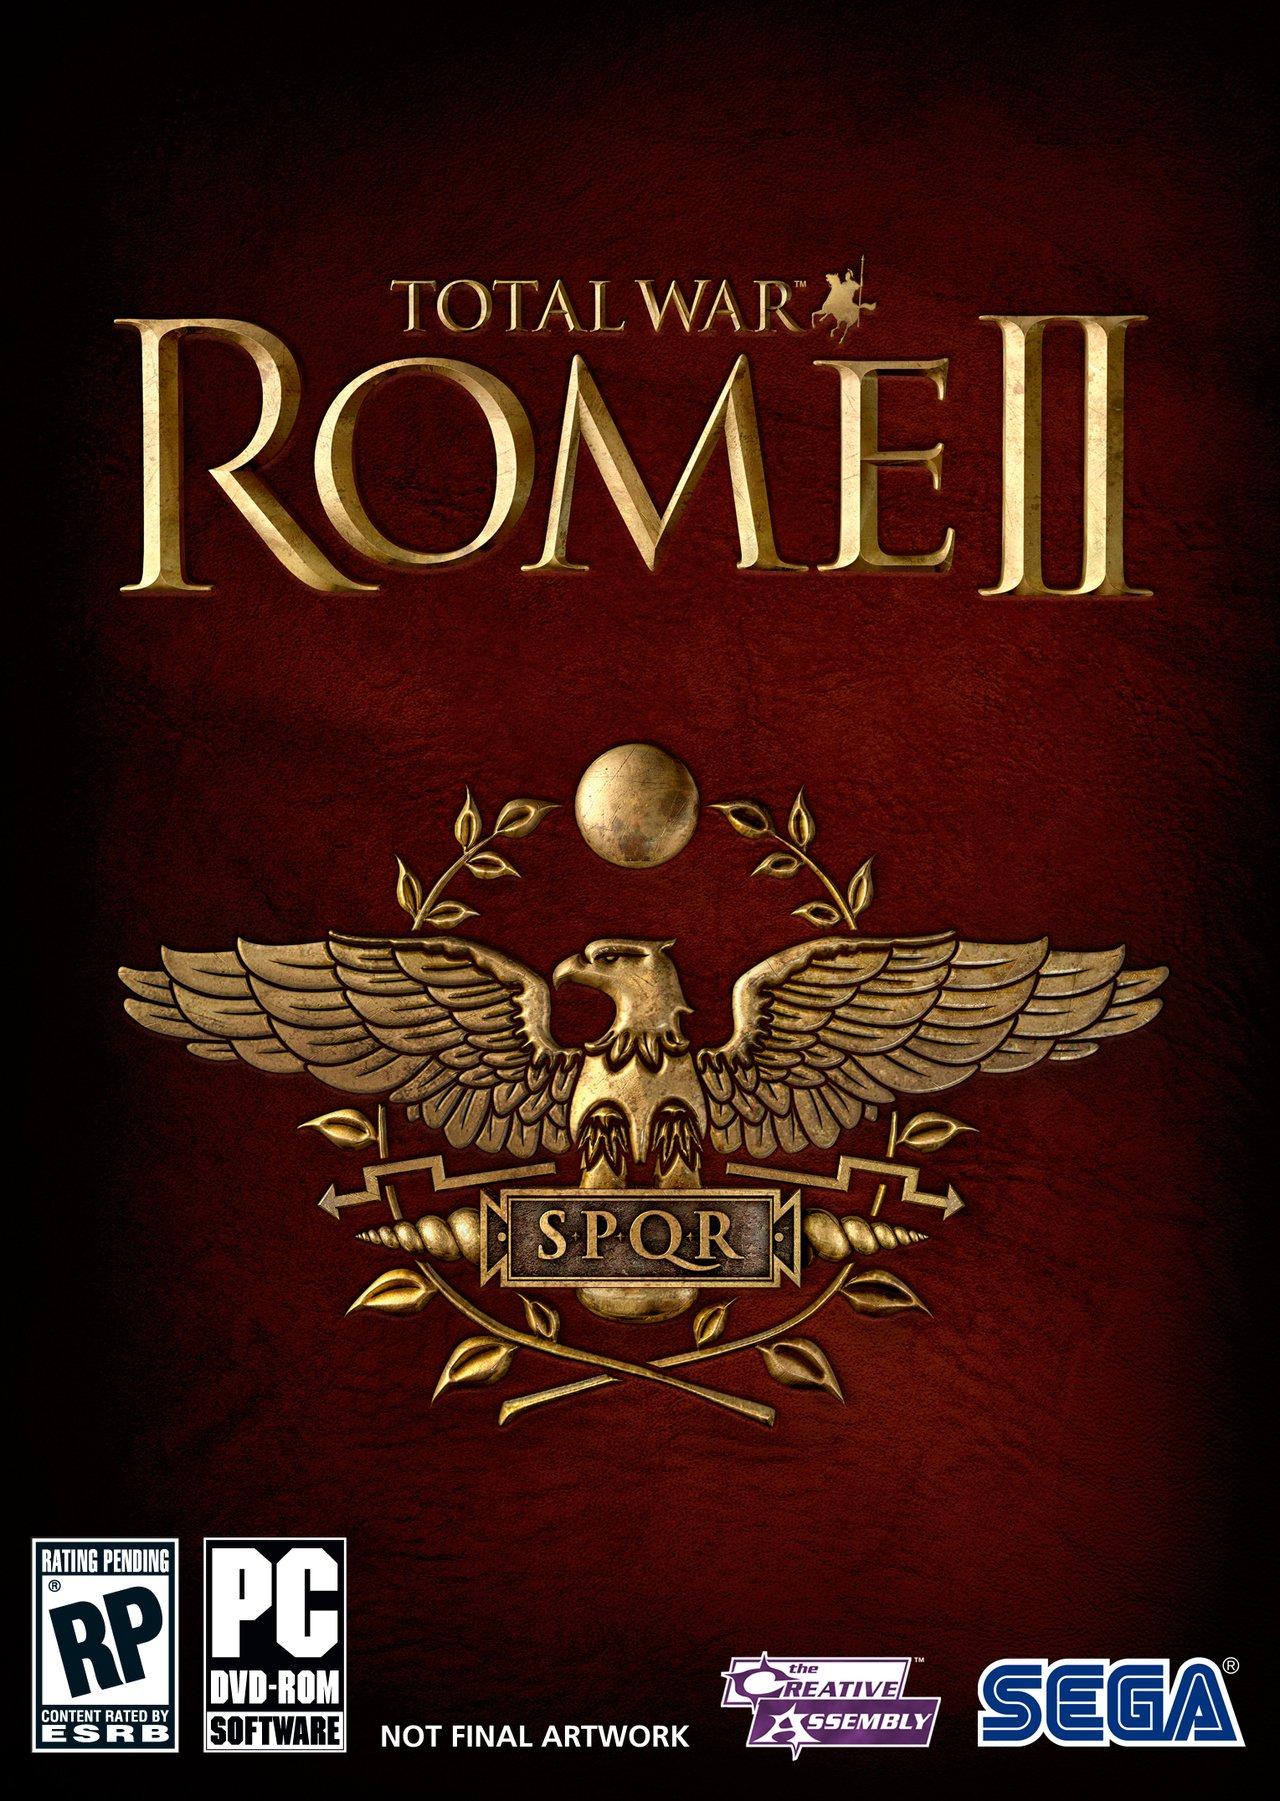 Завтра будет релиз Total War: Rome 2, и как всегда начнётся поток восхищения и лизоблюдства. Здесь же, в противовес  .... - Изображение 1